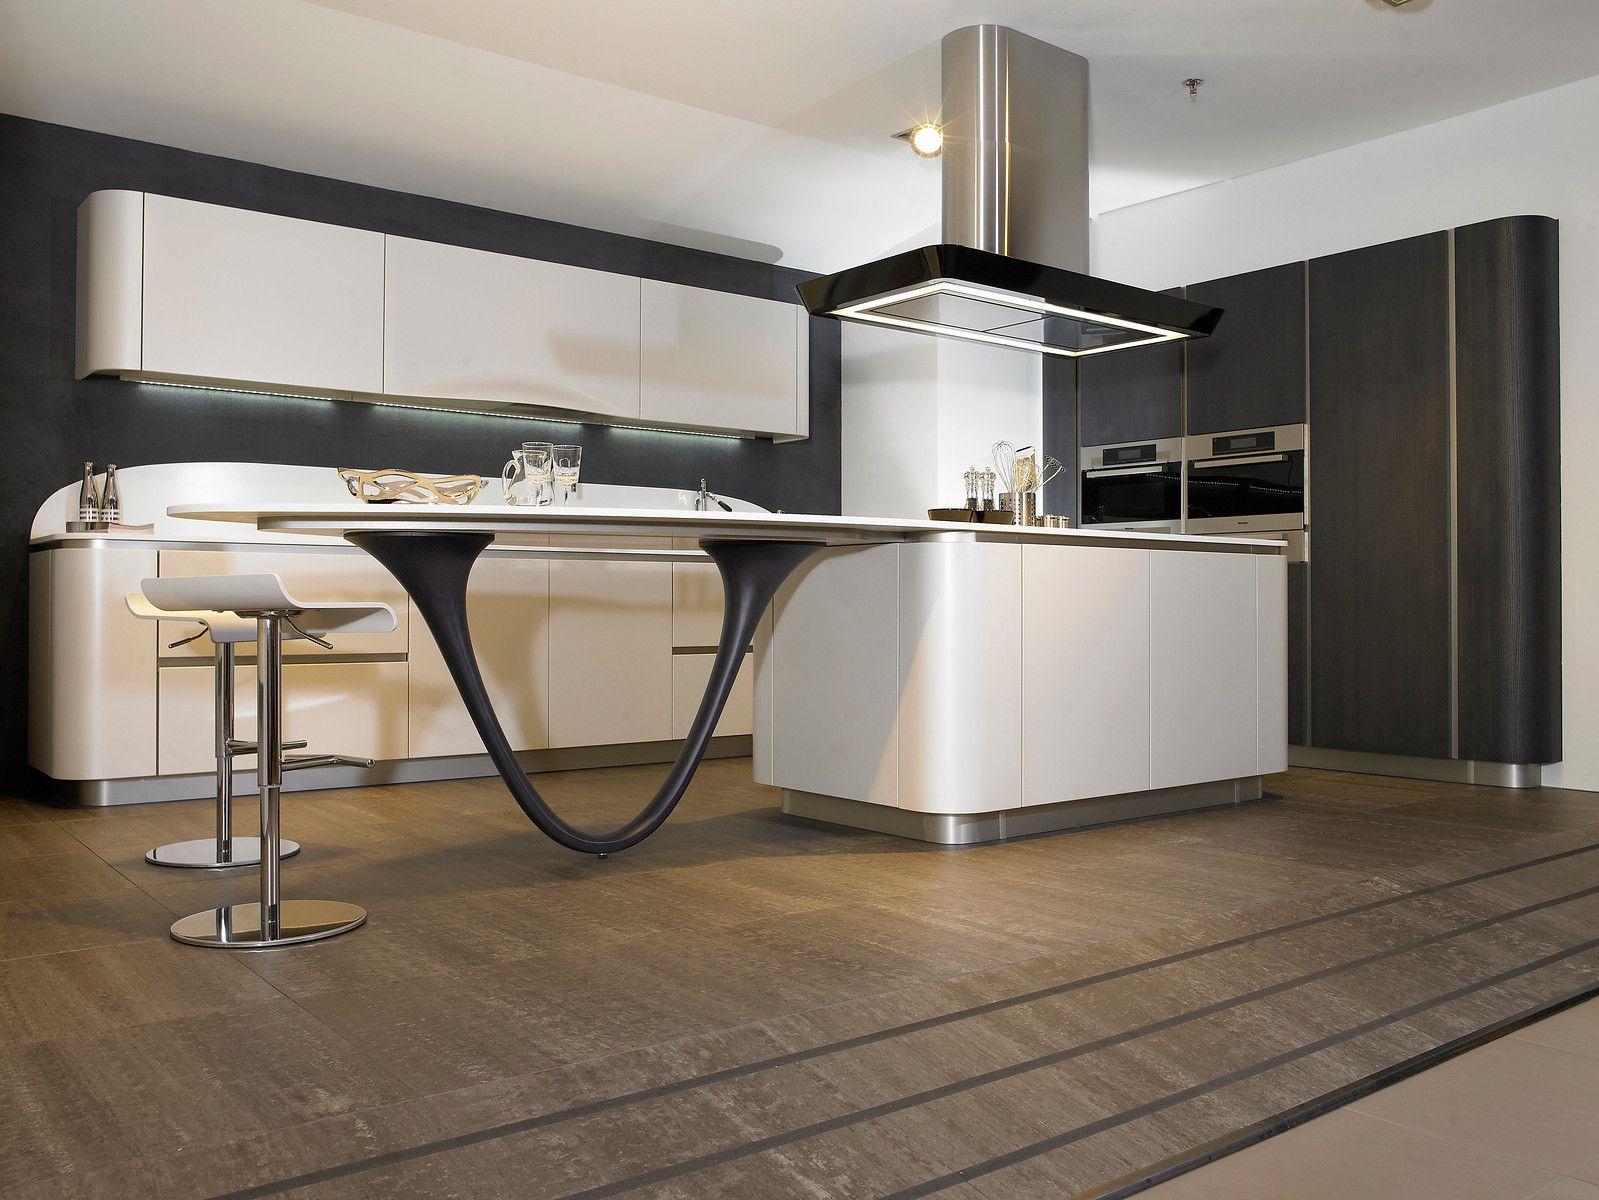 Snaidero ola kopen tieleman keukens space